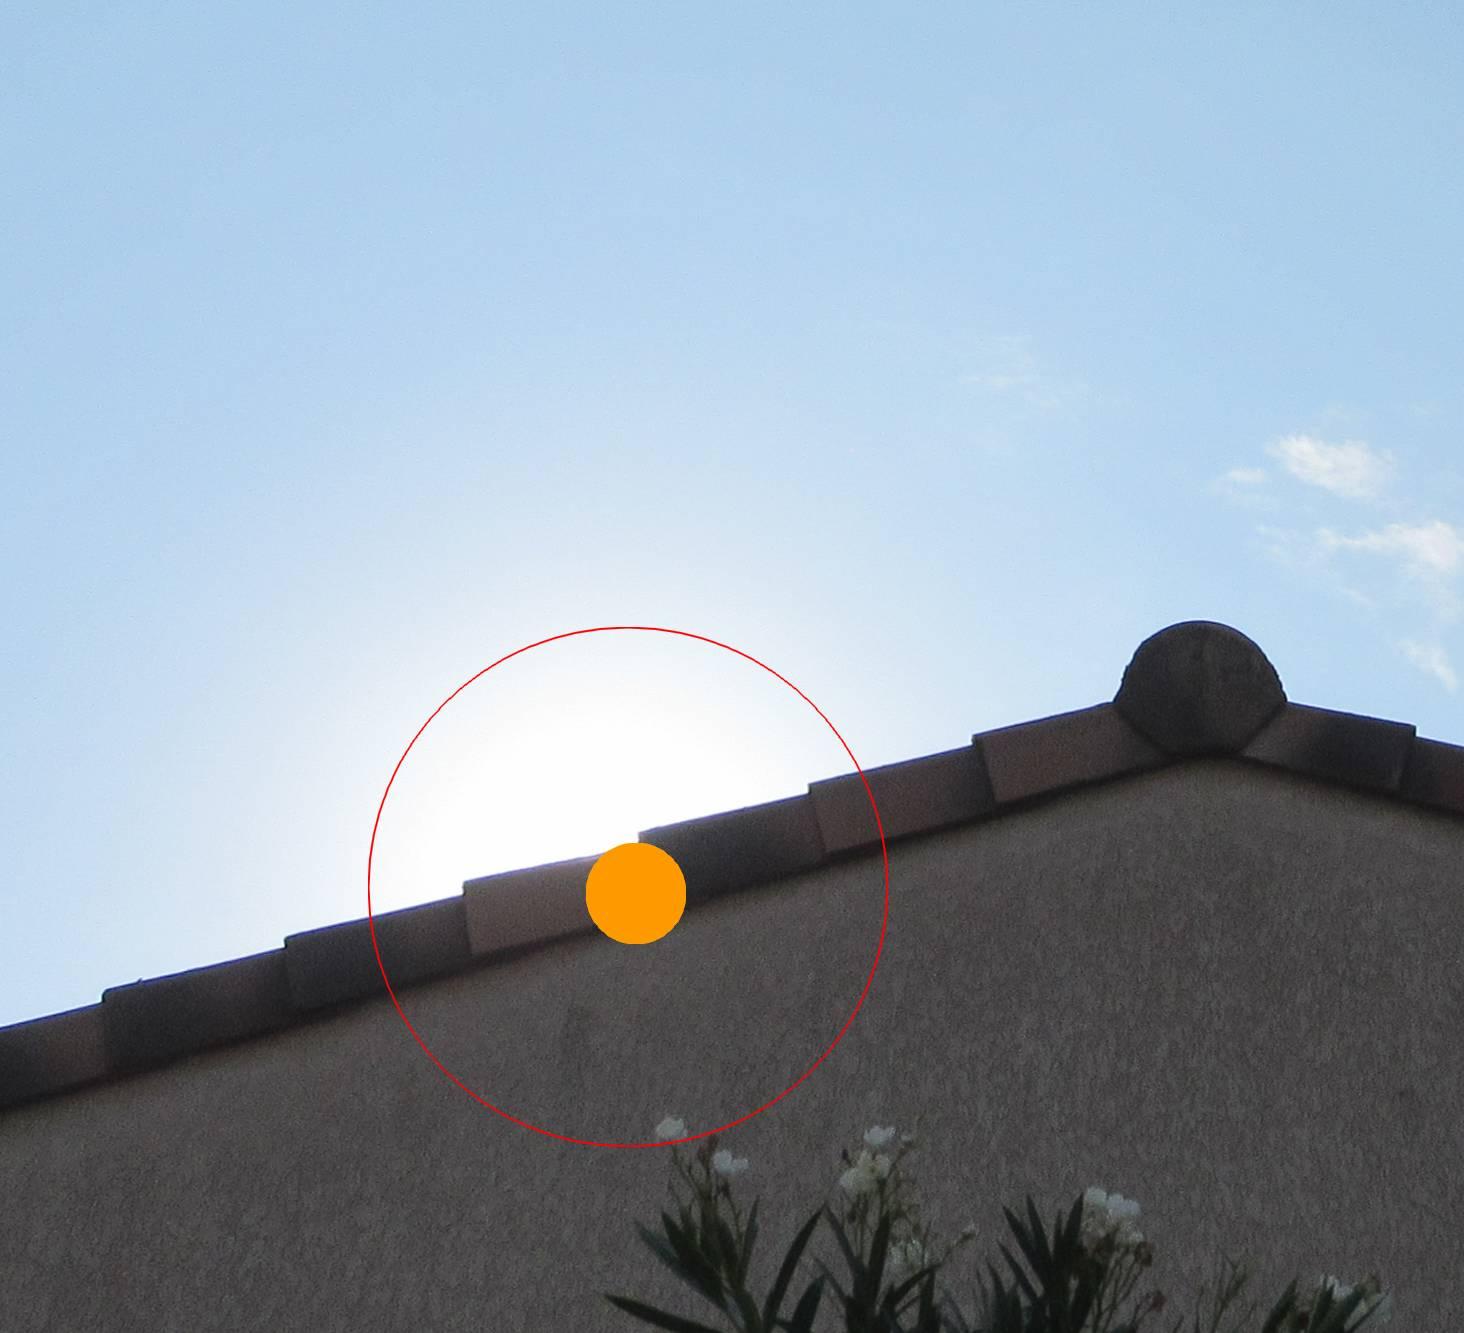 coronal.jpg.43700441793e6076d3a17200a09fa97f.jpg